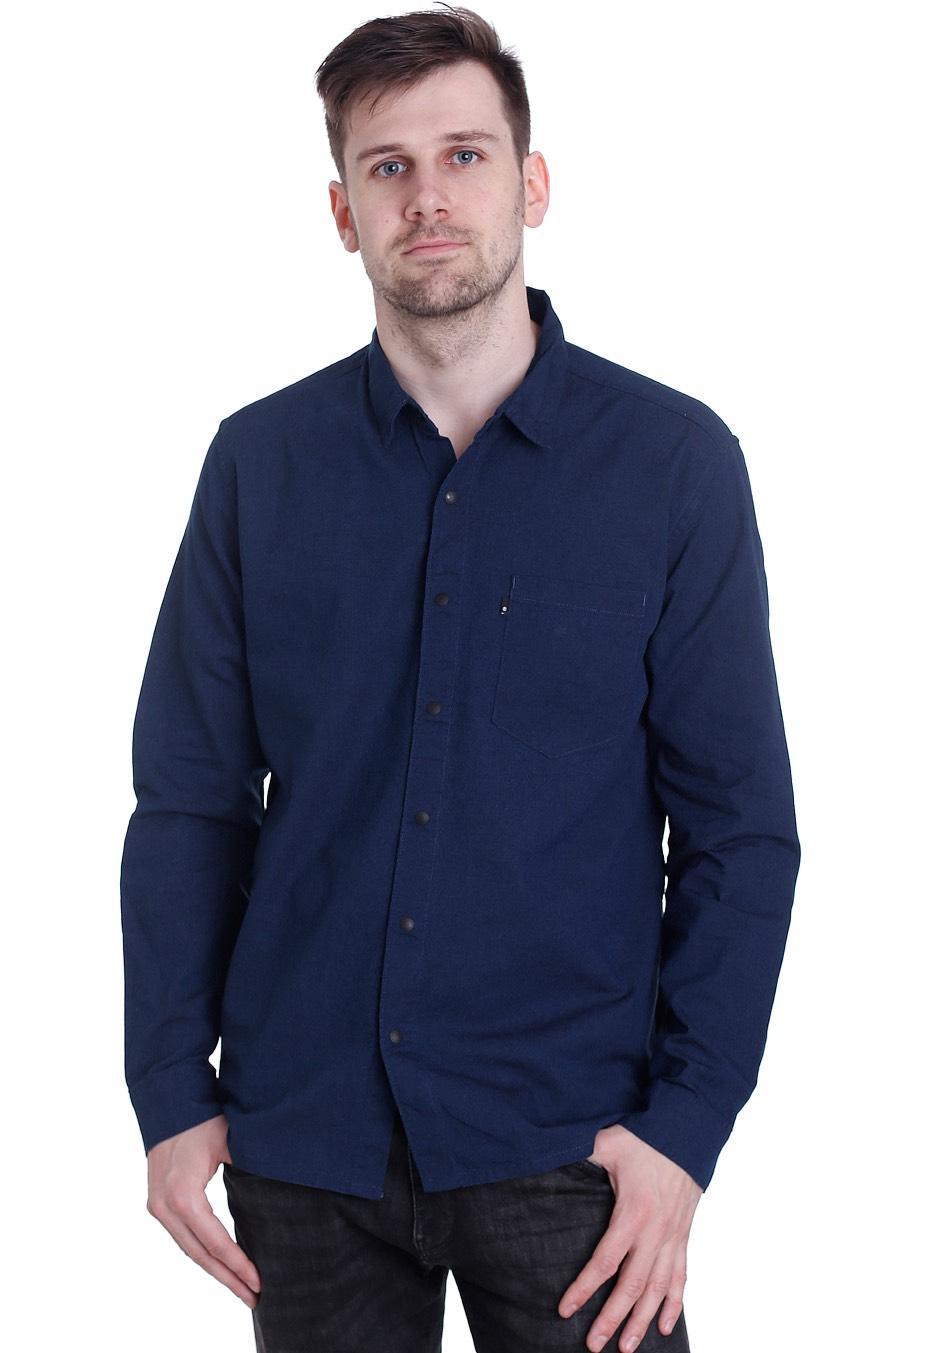 Streetwear Line Shirt Rinse Ls Blue Levi's Pocket Bright 8 1 zAndwqa